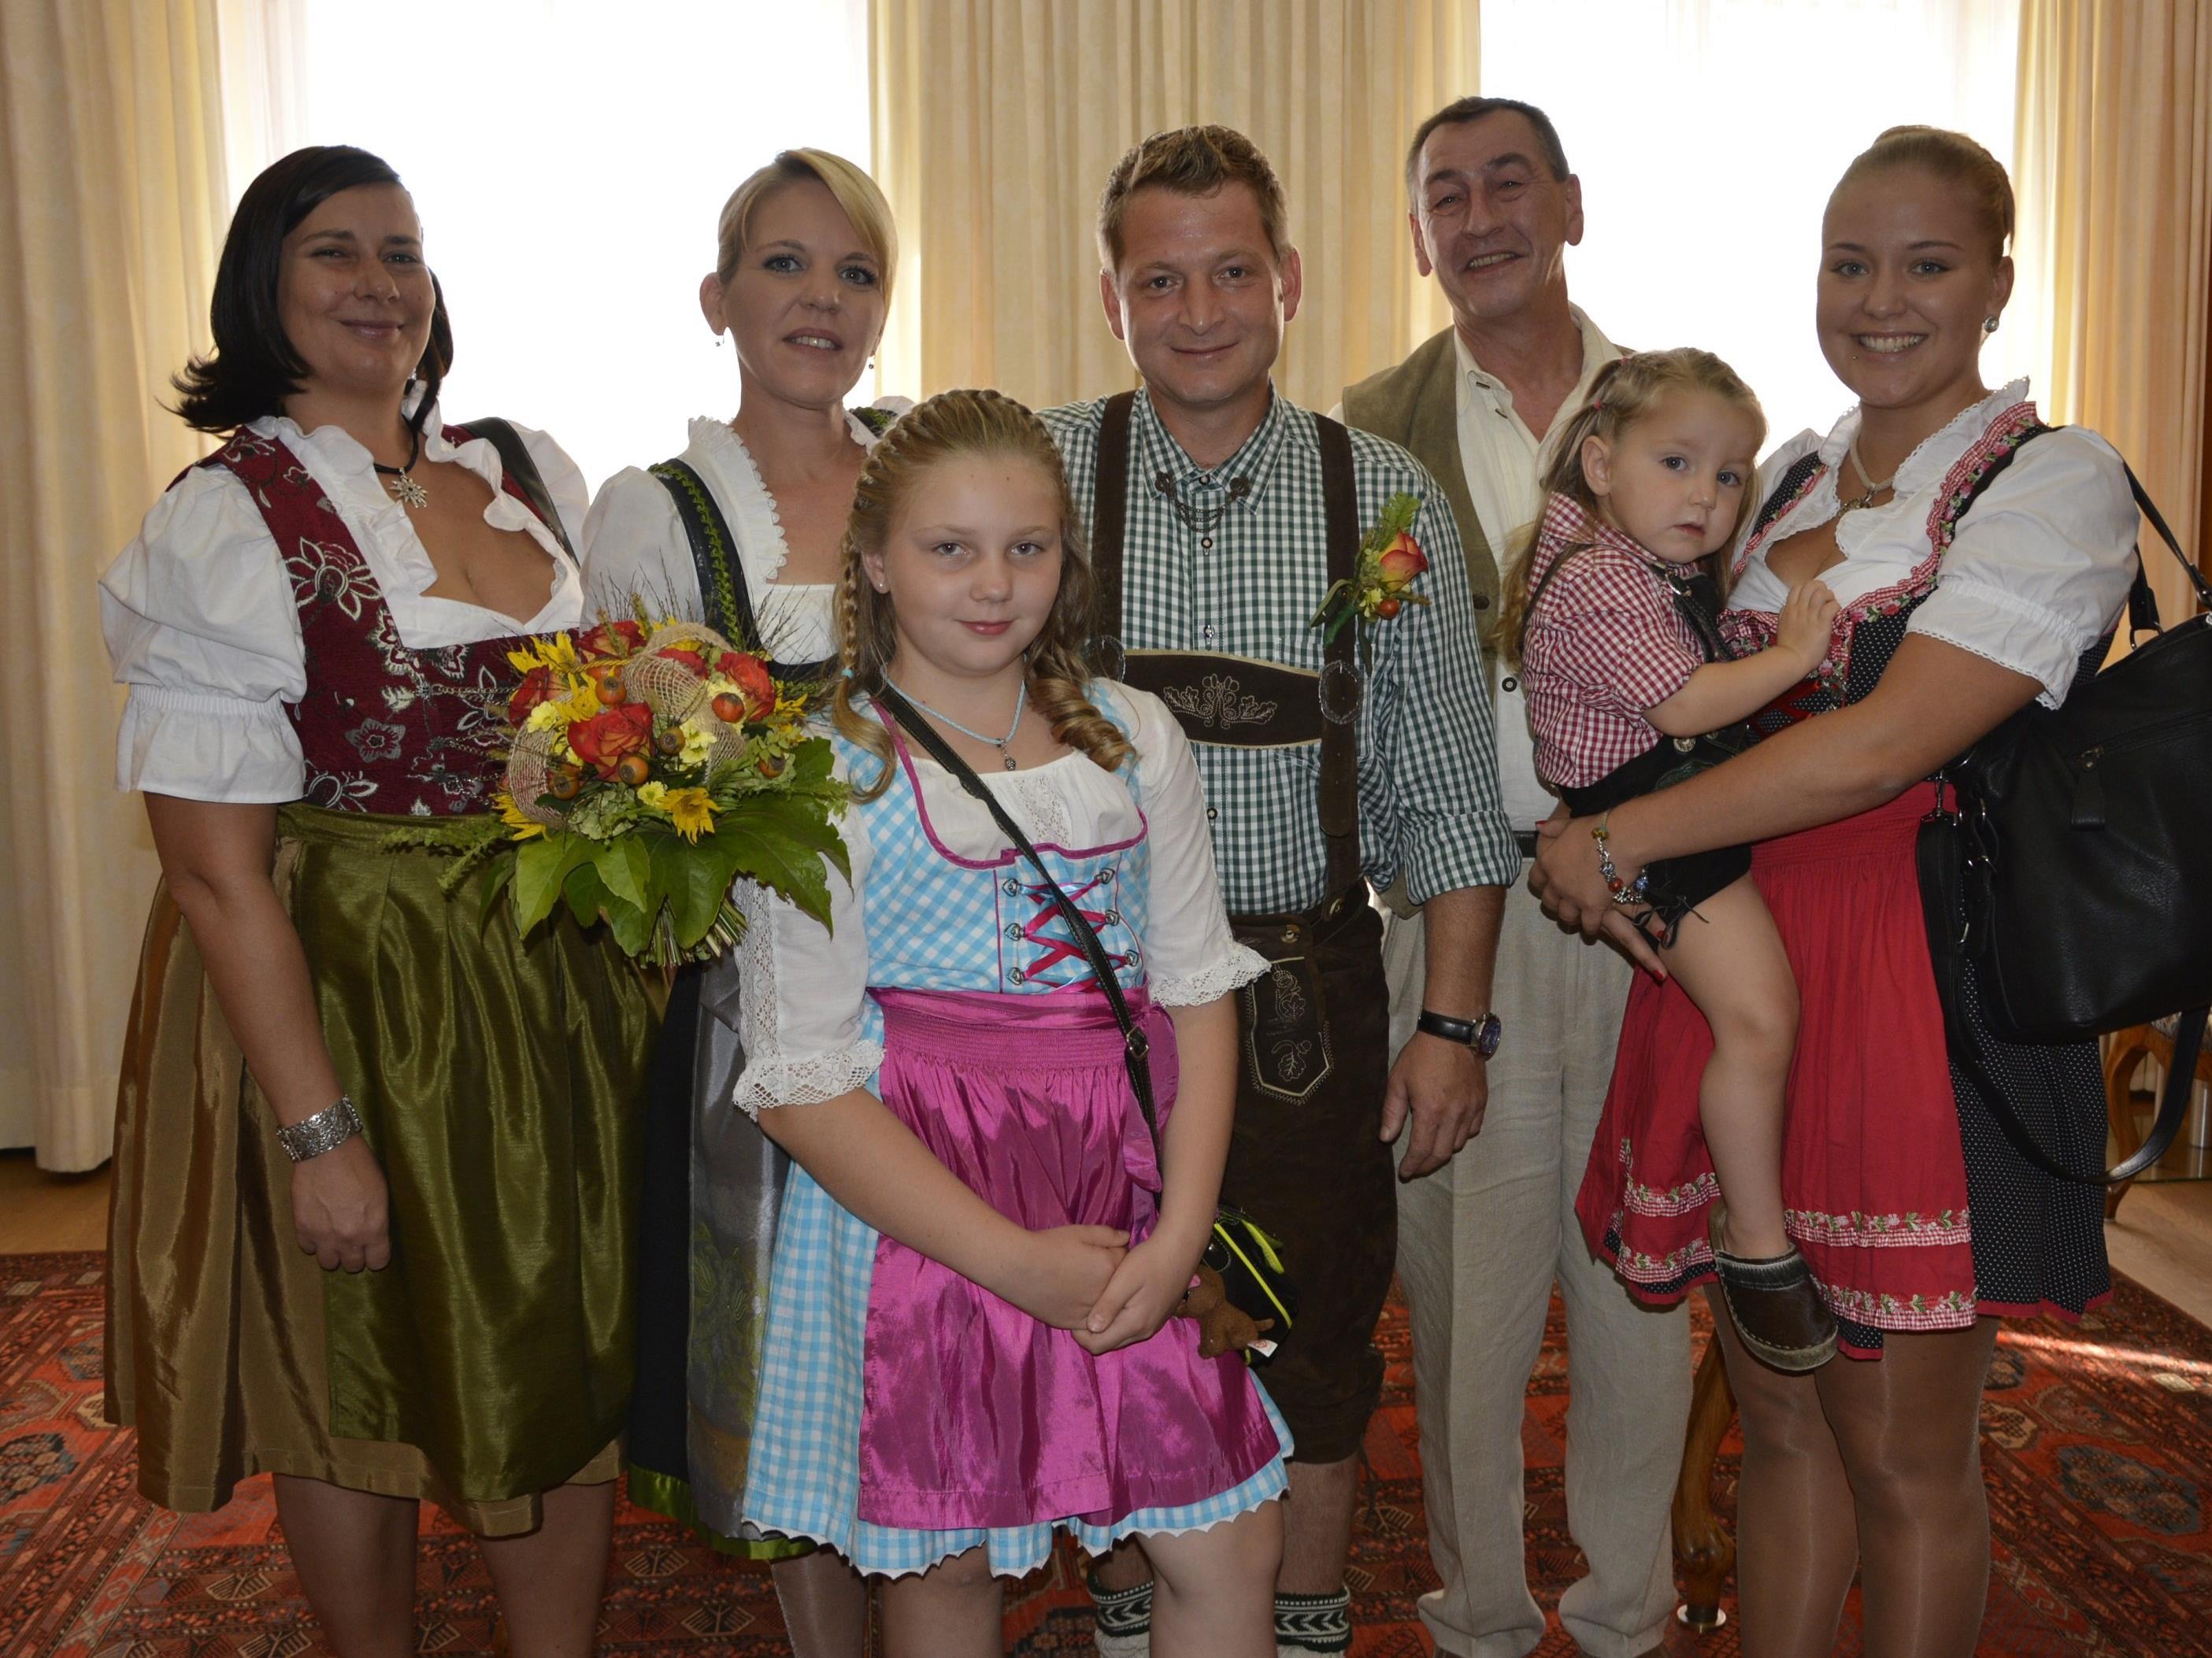 Das Brautpaar mit den Kindern und Trauzeugen bei der standesamtlichen Trauung in Dornbirn.